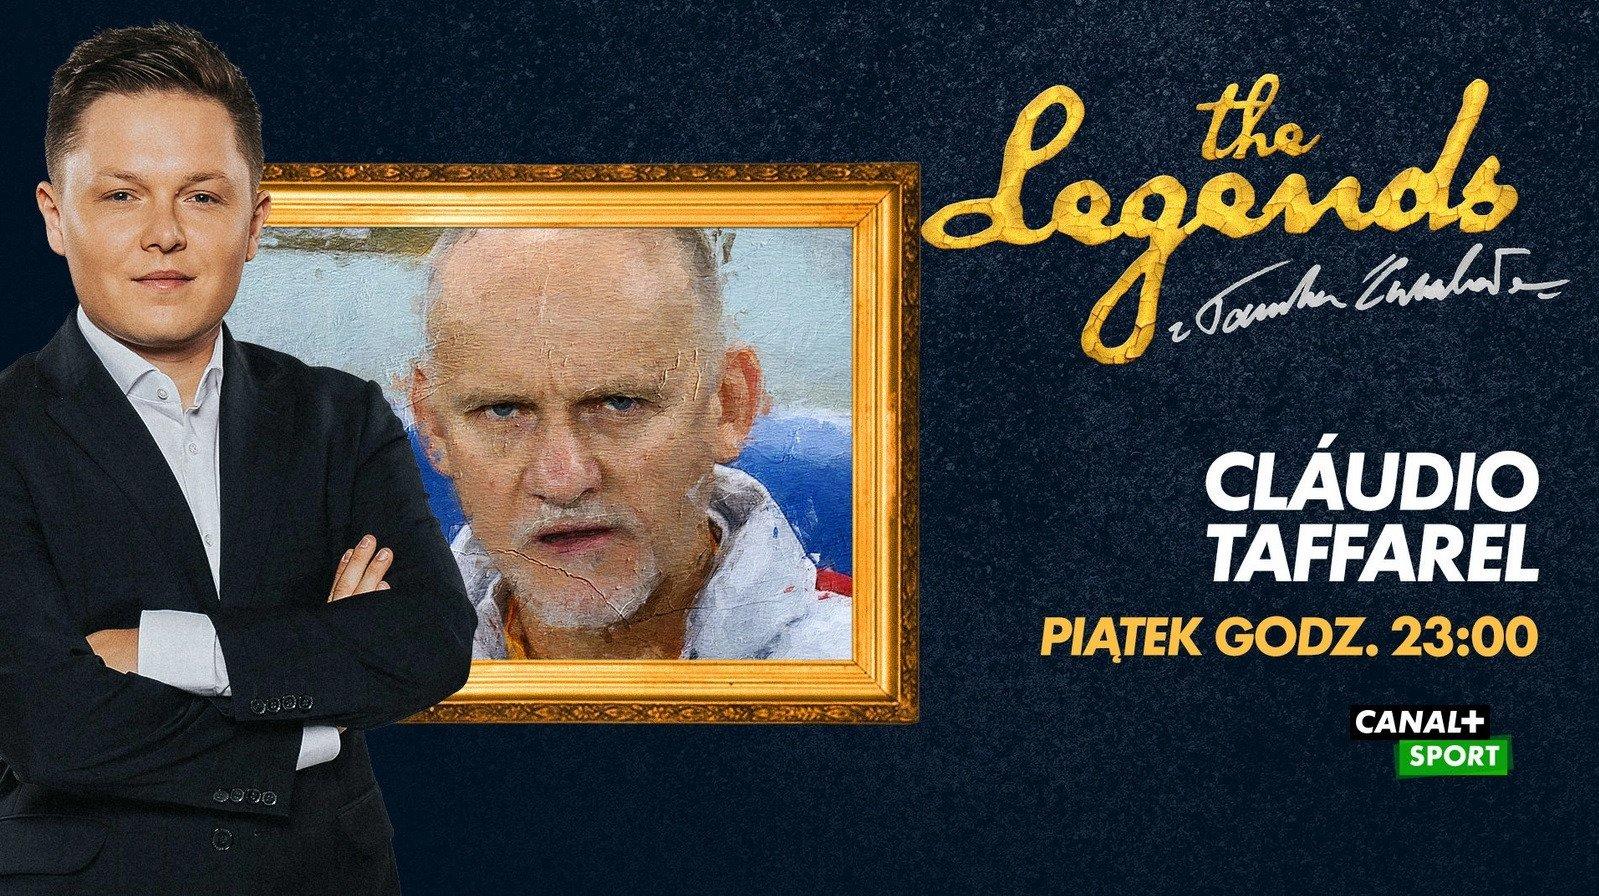 The Legends: nowy cykl Tomasza Ćwiąkały w CANAL+